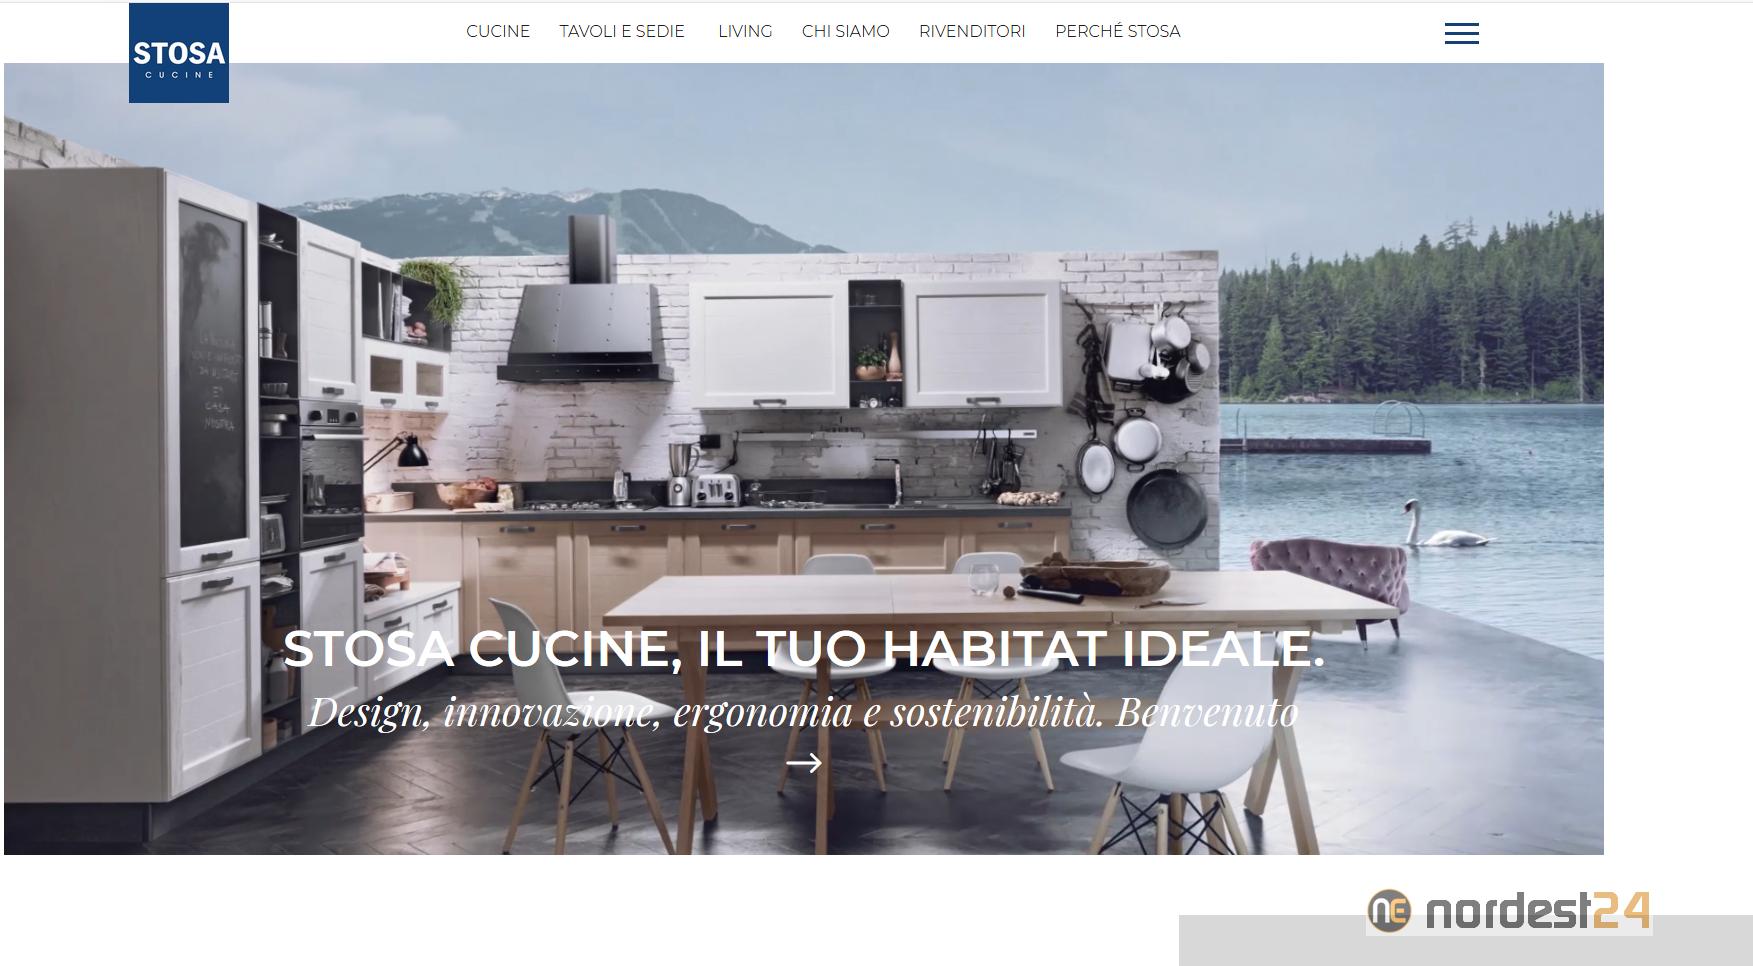 Stosa Cucine On Line Con Il Nuovo Sito Web Veste Grafica Rivisitata E Massima Usability Nordest24